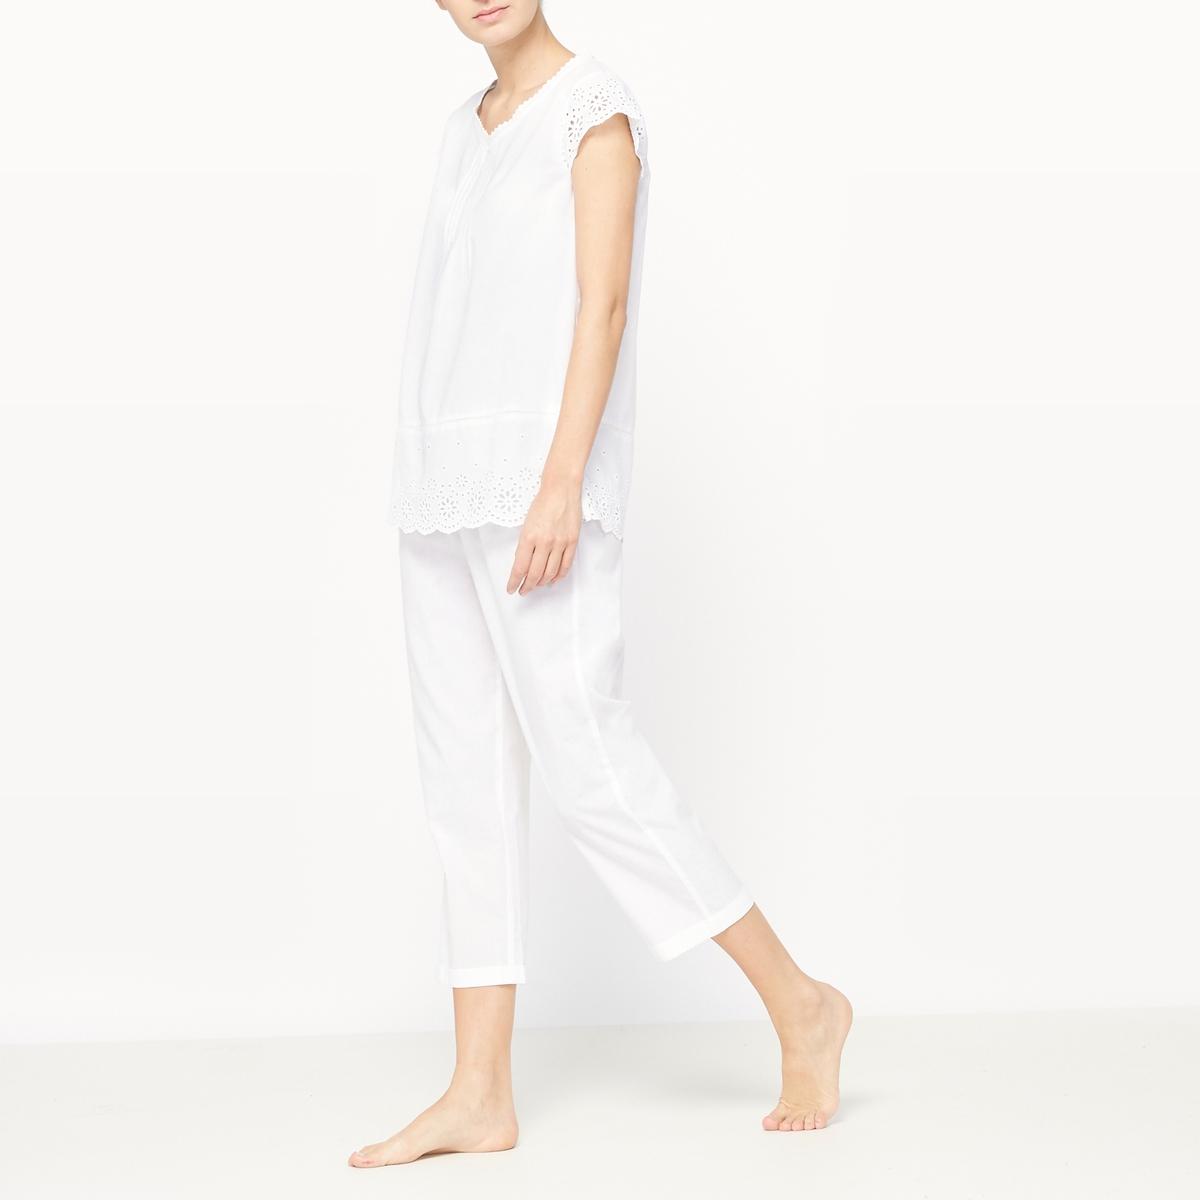 Пижама с укороченными брюкамиКомфортная пижама с укороченными брюками для стиля, неподвластного времени! Футболка с короткими рукавами и вставками из кружева на рукавах, вырезе и по низу. Неглубокий V-образный вырез. Укороченные брюки с эластичным поясом.                     Состав и описание :  Материал          100% хлопокДлина футболки 65 смДлина по внутр.шву    51 смМарка          Louise MarnayУход :Машинная стирка при 40 °С с вещами схожих цветов.Стирать и гладить с изнаночной стороны.Машинная сушка в умеренном режиме.Гладить при умеренной температуре.<br><br>Цвет: белый<br>Размер: 48 (FR) - 54 (RUS).42 (FR) - 48 (RUS).40 (FR) - 46 (RUS).38 (FR) - 44 (RUS)